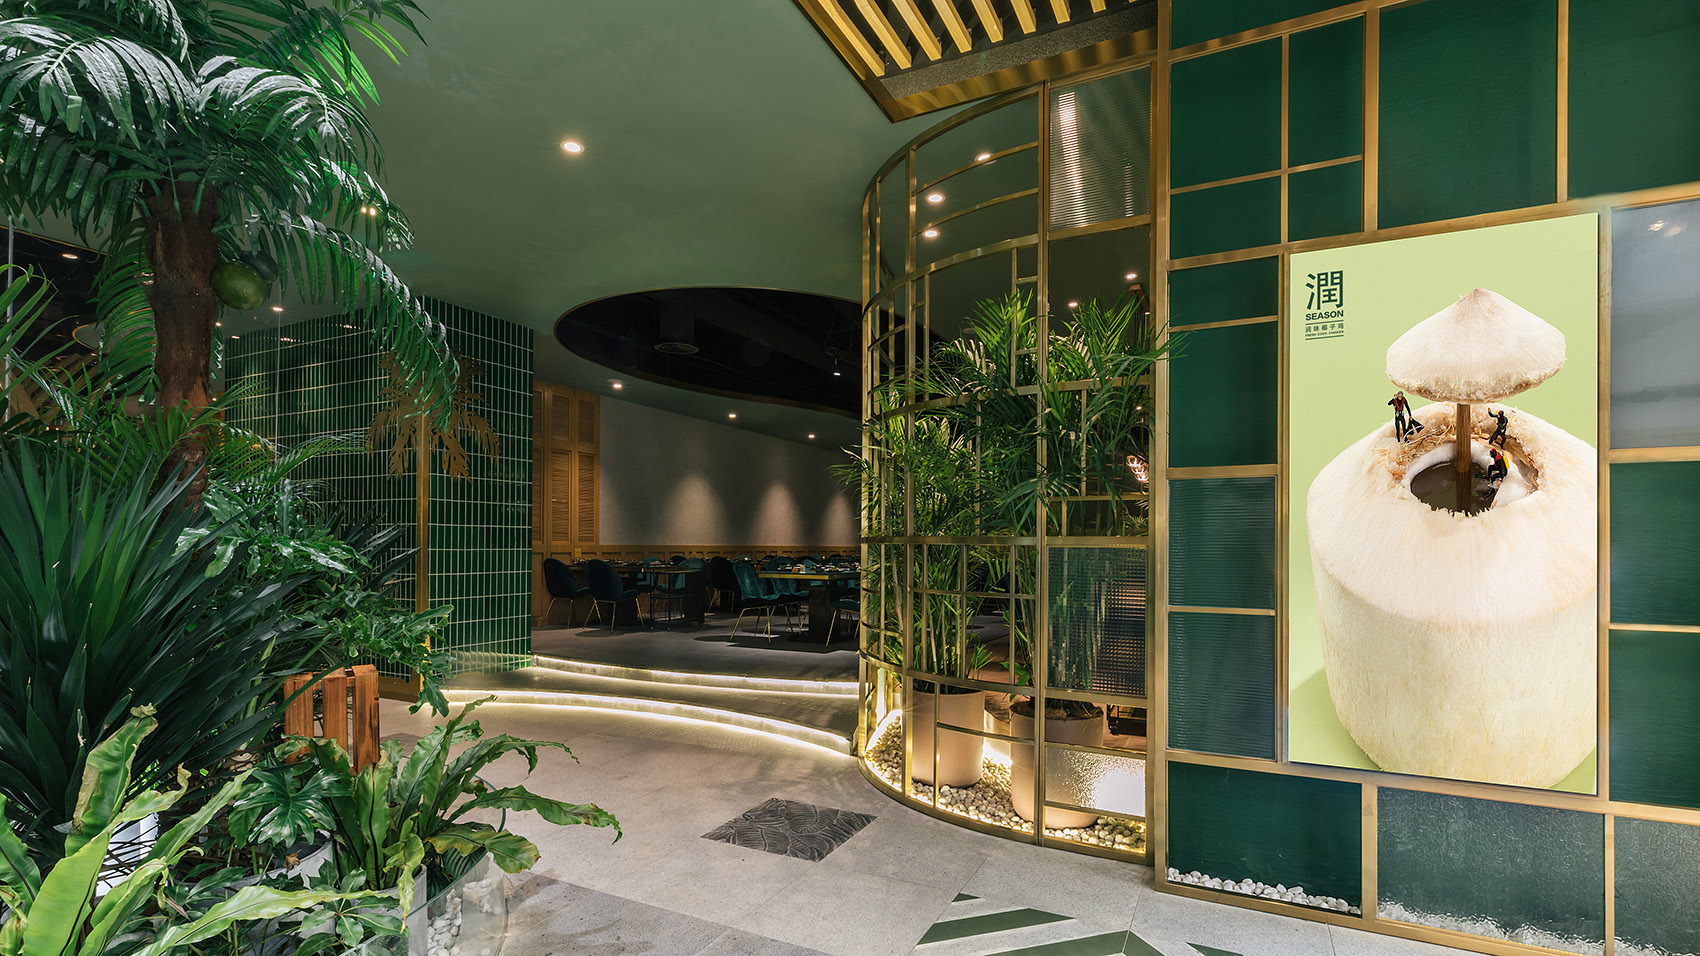 南阳餐厅装修设计公司哪家好,100平米饭店装修设计多少钱?